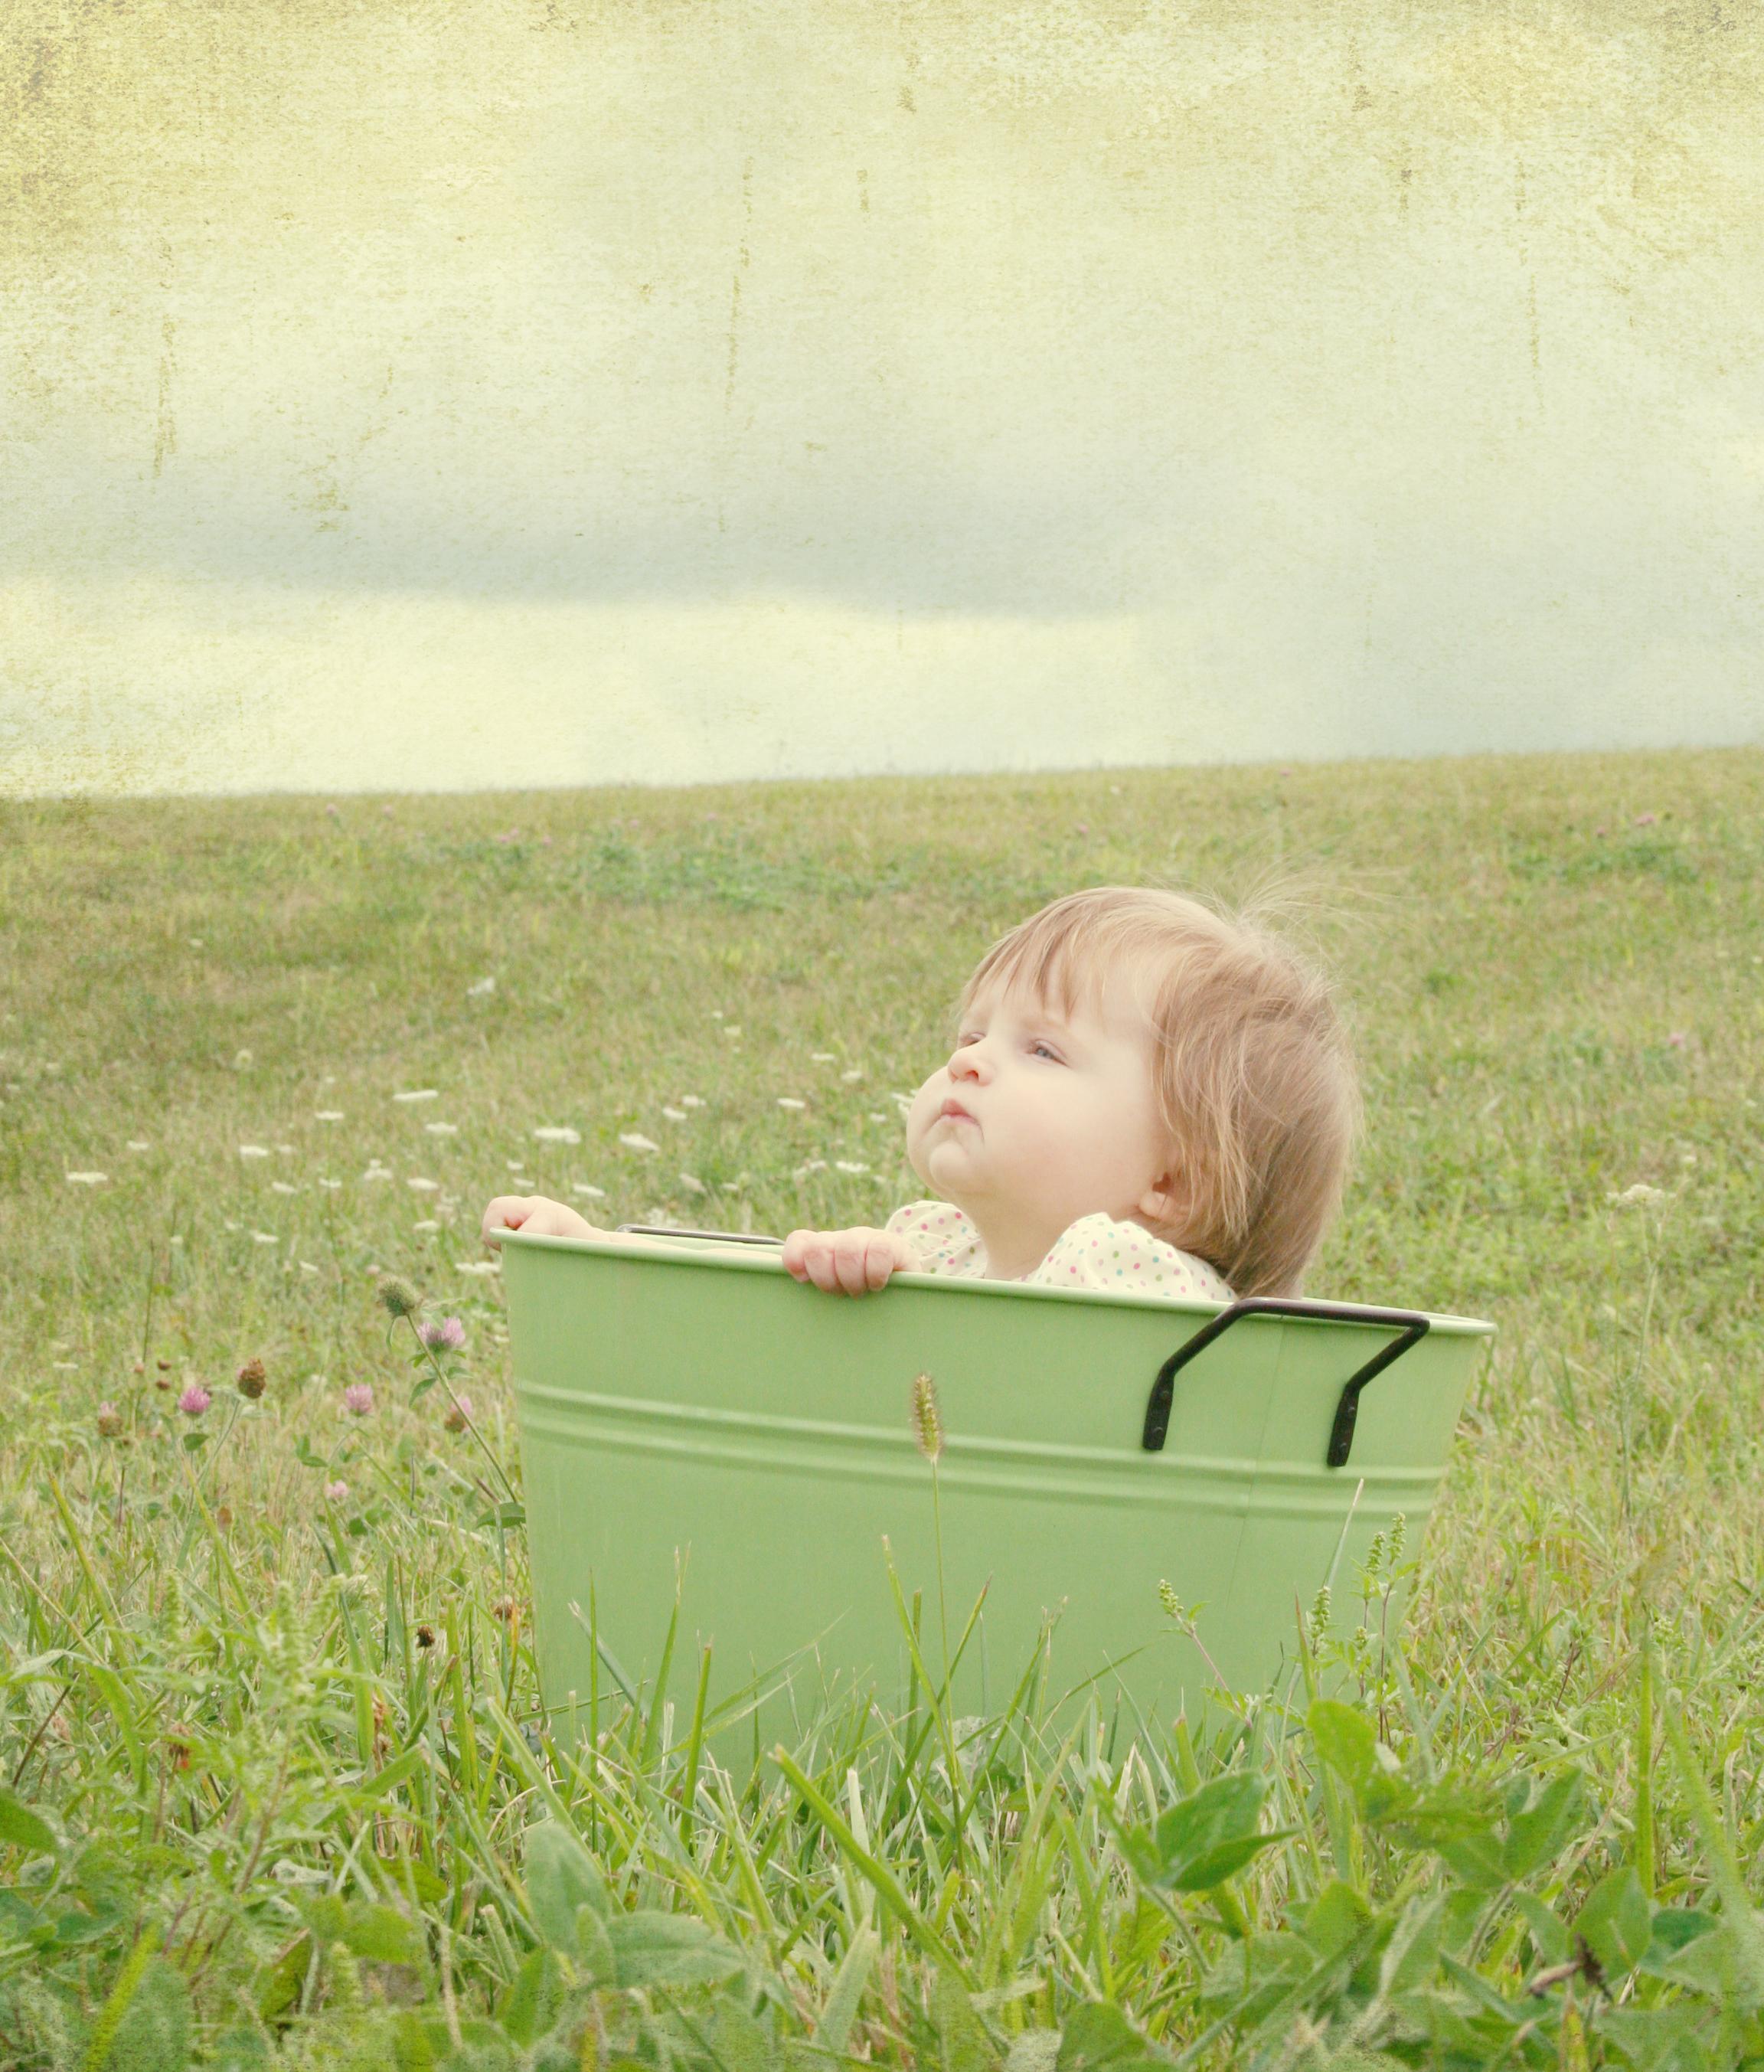 「外国人 赤ちゃん イラスト」の画像検索結果